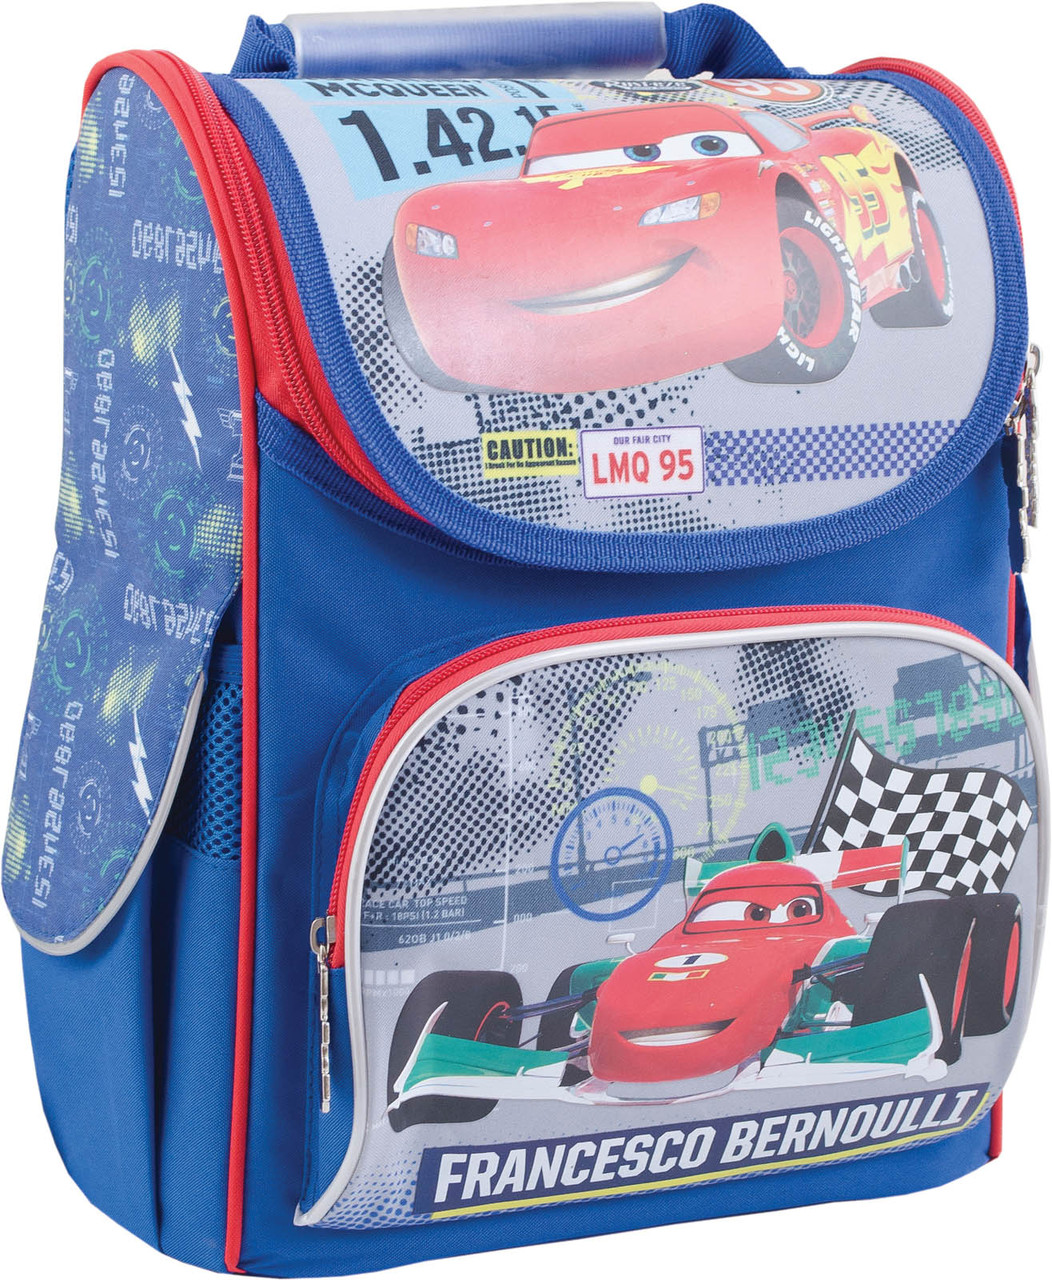 Удобный школьный рюкзак H-11 Cars - FaShop  Женская одежда от производителя в Харькове